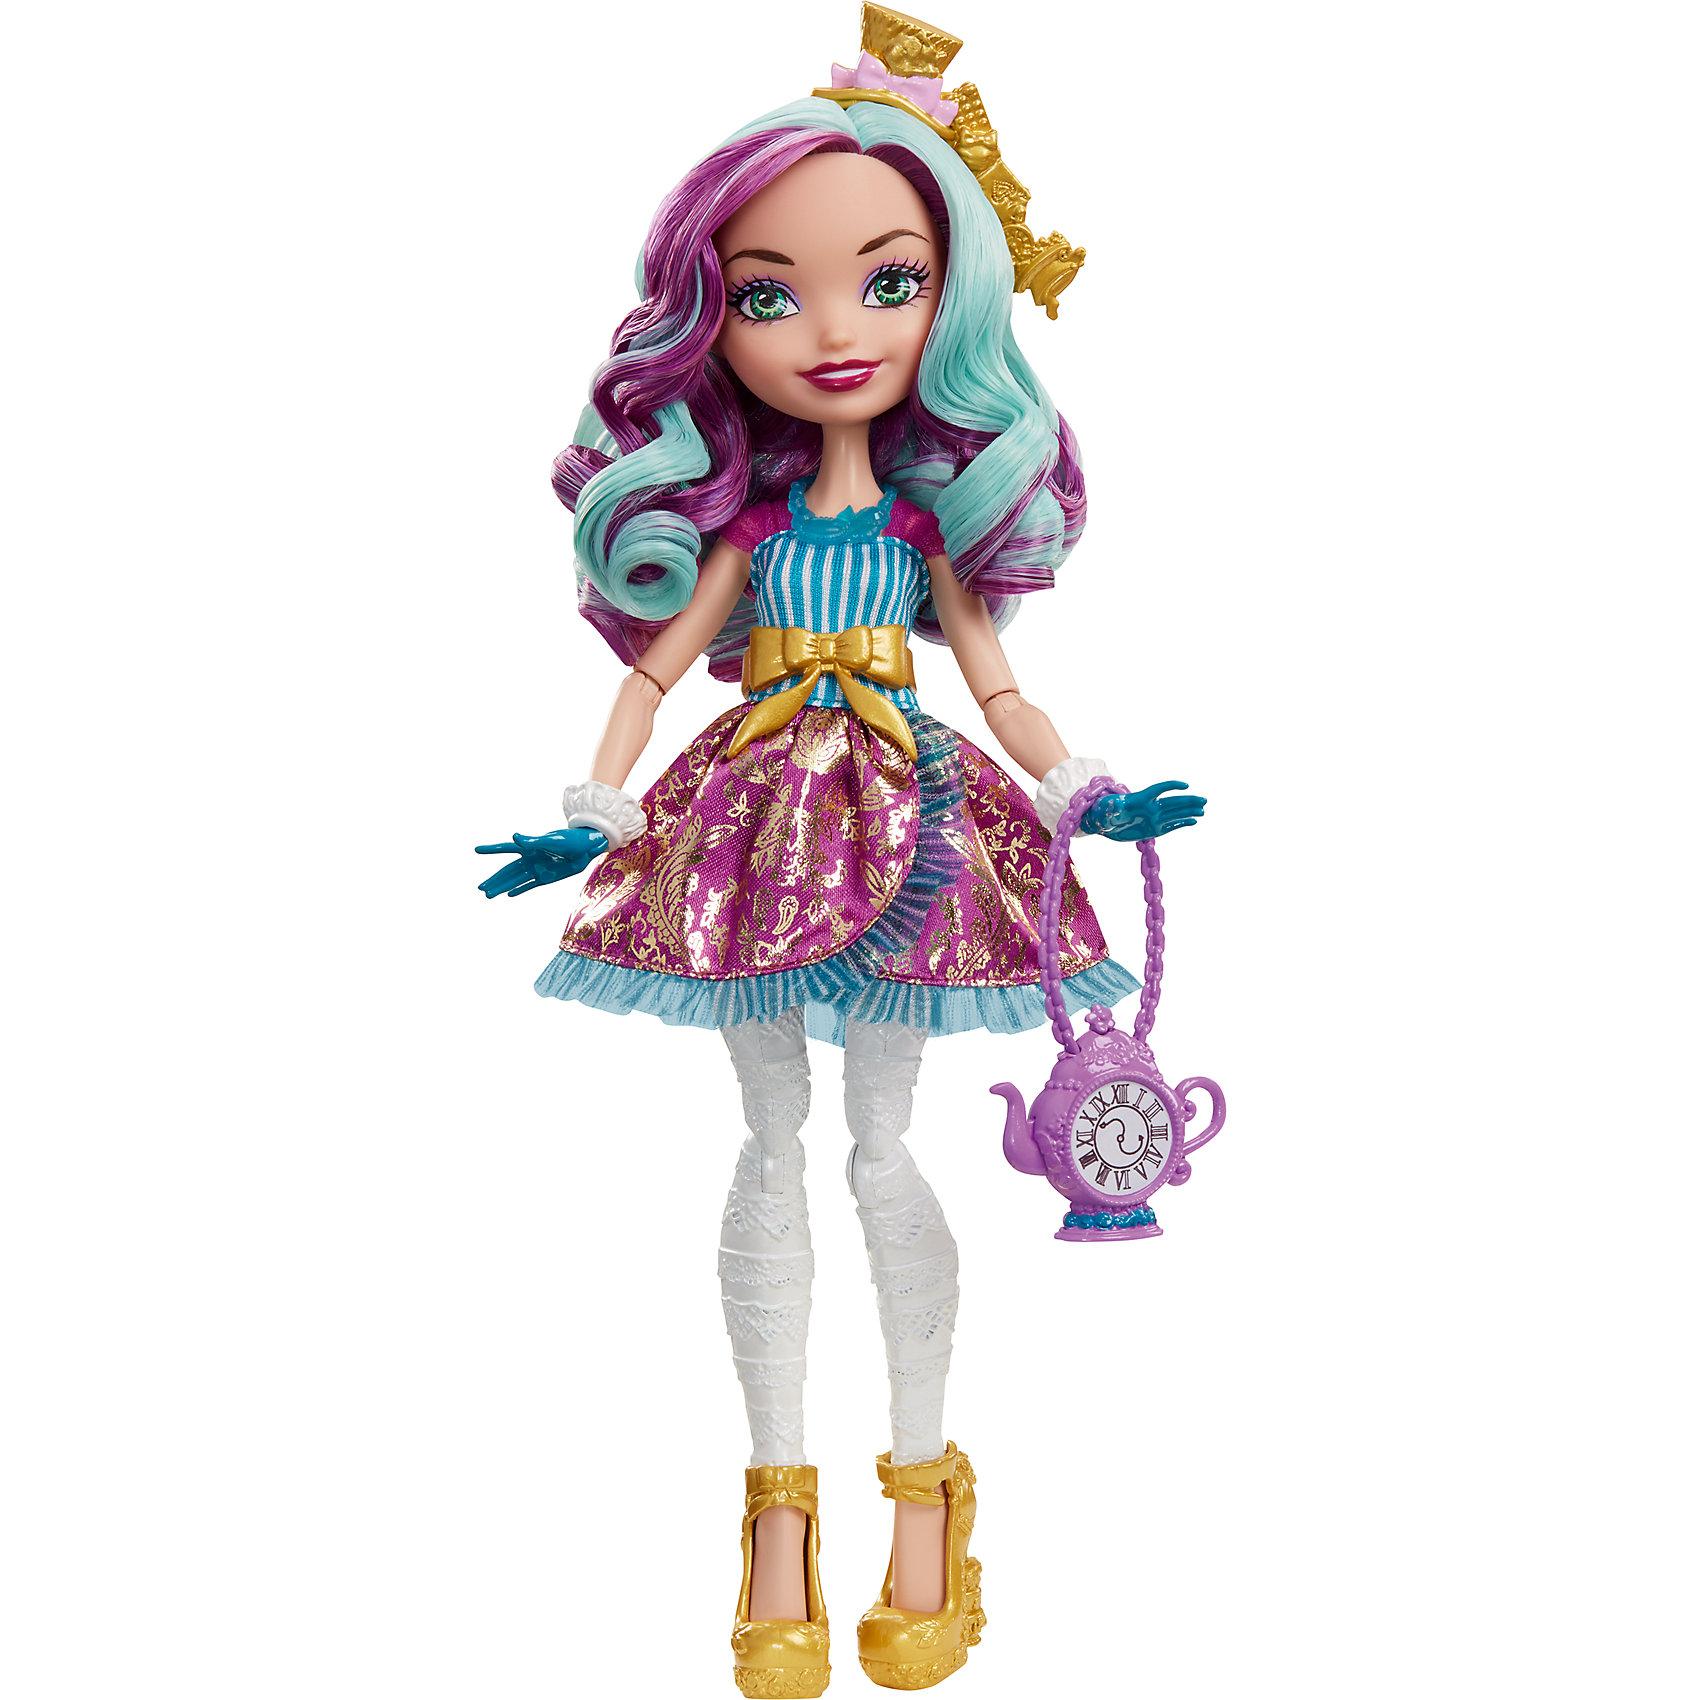 Кукла Мэдлин Хэттер из серии Отважные принцессы, Ever After HighБренды кукол<br>Характеристики товара:<br><br>• имя героини: Мэдлин Хэттер, дочь безумного Шляпника<br>• комплектация: кукла, одежда, аксессуары<br>• материал: пластик, текстиль<br>• серия: Отважные принцессы, Ever After High<br>• руки, ноги гнутся<br>• высота куклы: 28 см<br>• возраст: от 6 лет<br>• размер упаковки: 33х23х7 см<br>• вес: 0,3 кг<br>• страна бренда: США<br><br>Такая современная кукла порадует маленьких любительниц мира Ever After High . Костюм героини дополняет обувь и аксессуары. Руки и ноги гнутся, из длинных волос можно делать прически! Кукла Мэдлин Хэттер серии Отважные принцессы, Ever After High, станет великолепным подарком для девочек.<br><br>Игры с куклами помогают девочкам отработать сценарии поведения в обществе, развить воображение и мелкую моторику. Изделие произведено из безопасных для детей материалов. Куклы Monster High и Ever After High от бренда Mattel не перестают быть популярными у современных девочек! <br><br>Куклу Мэдлин Хэттер из серии Отважные принцессы, Ever After High, от компании Mattel можно купить в нашем интернет-магазине.<br><br>Ширина мм: 230<br>Глубина мм: 65<br>Высота мм: 130<br>Вес г: 312<br>Возраст от месяцев: 72<br>Возраст до месяцев: 144<br>Пол: Женский<br>Возраст: Детский<br>SKU: 5389677